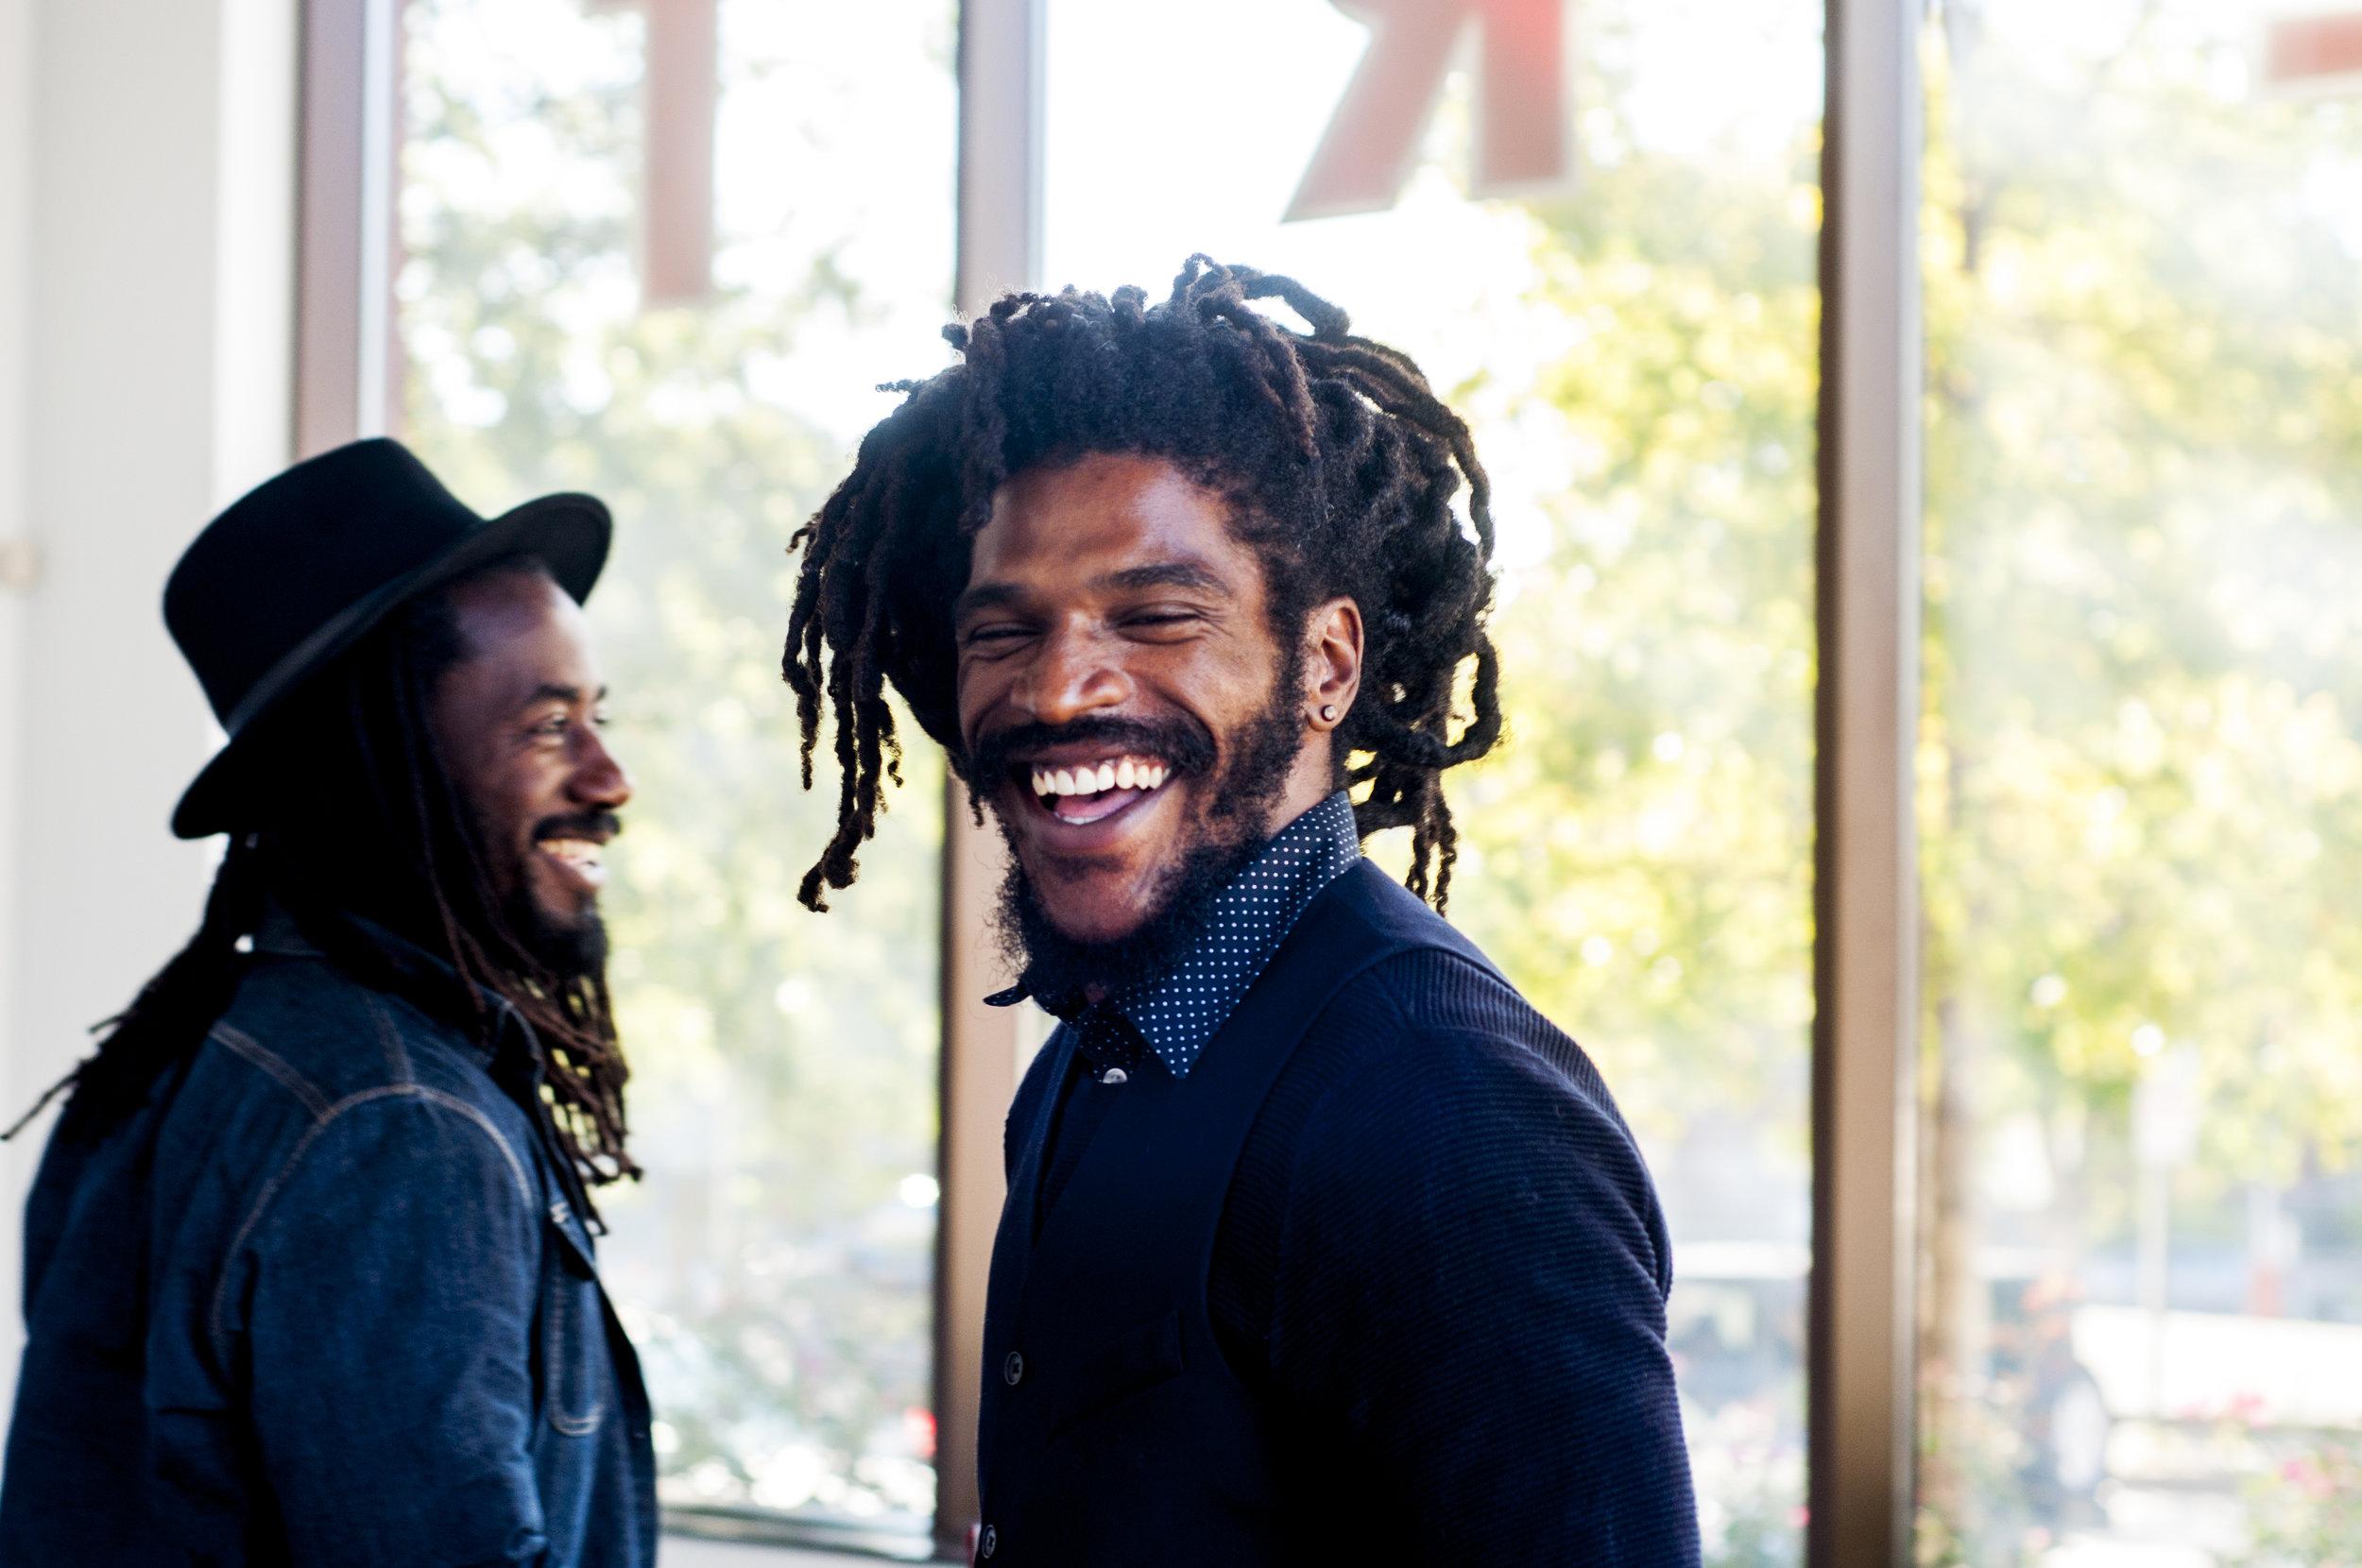 BLACK MEN SMILE (1 of 16).jpg